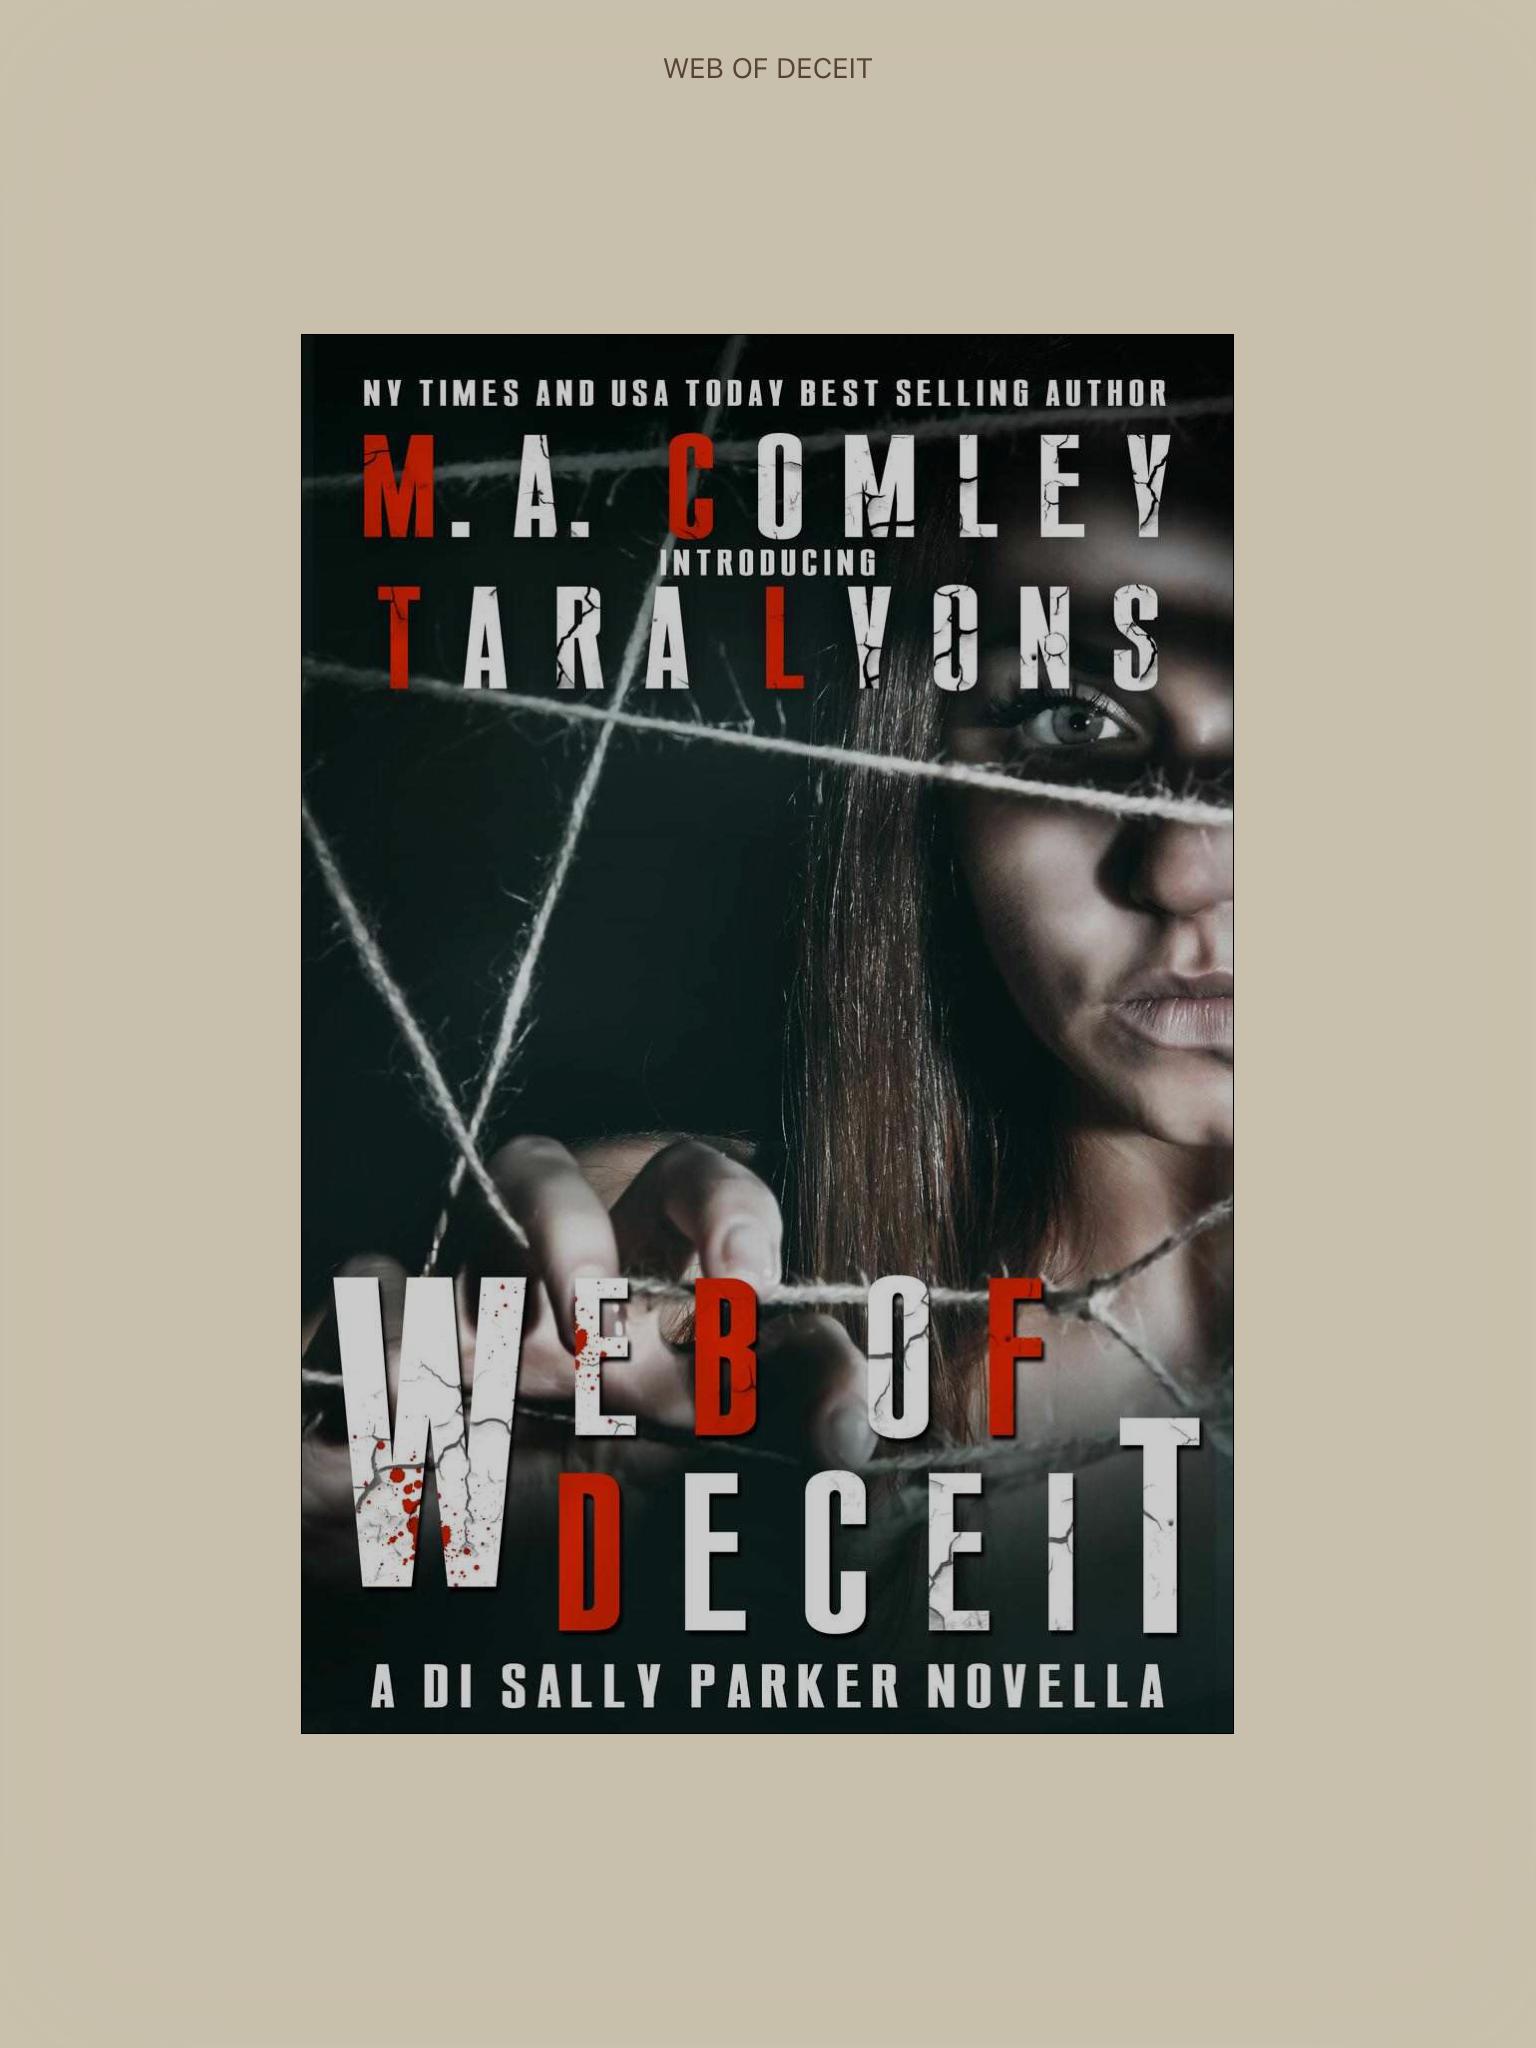 web about deceit arrange review